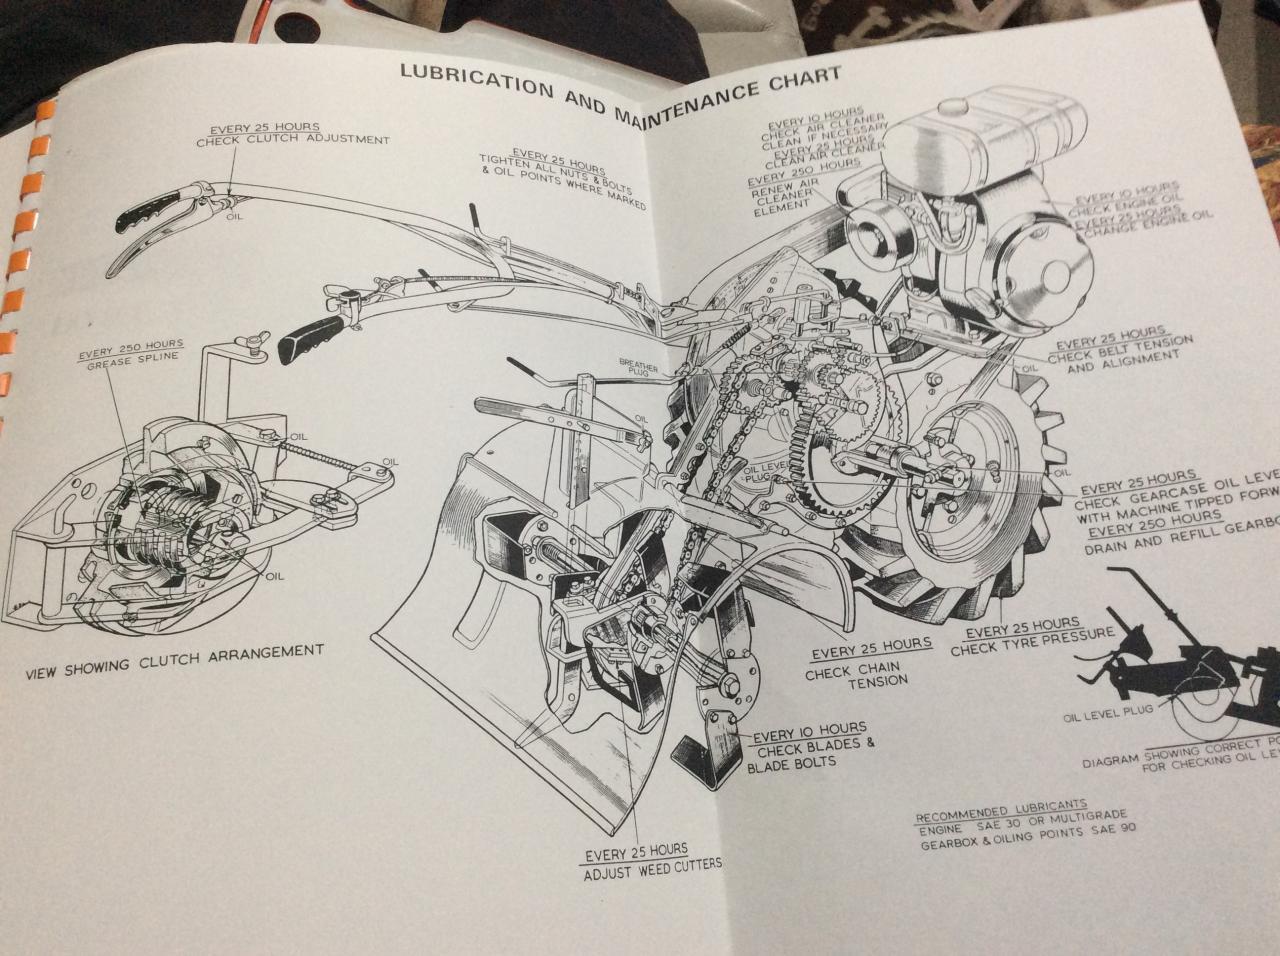 howard spares kohler engine manual